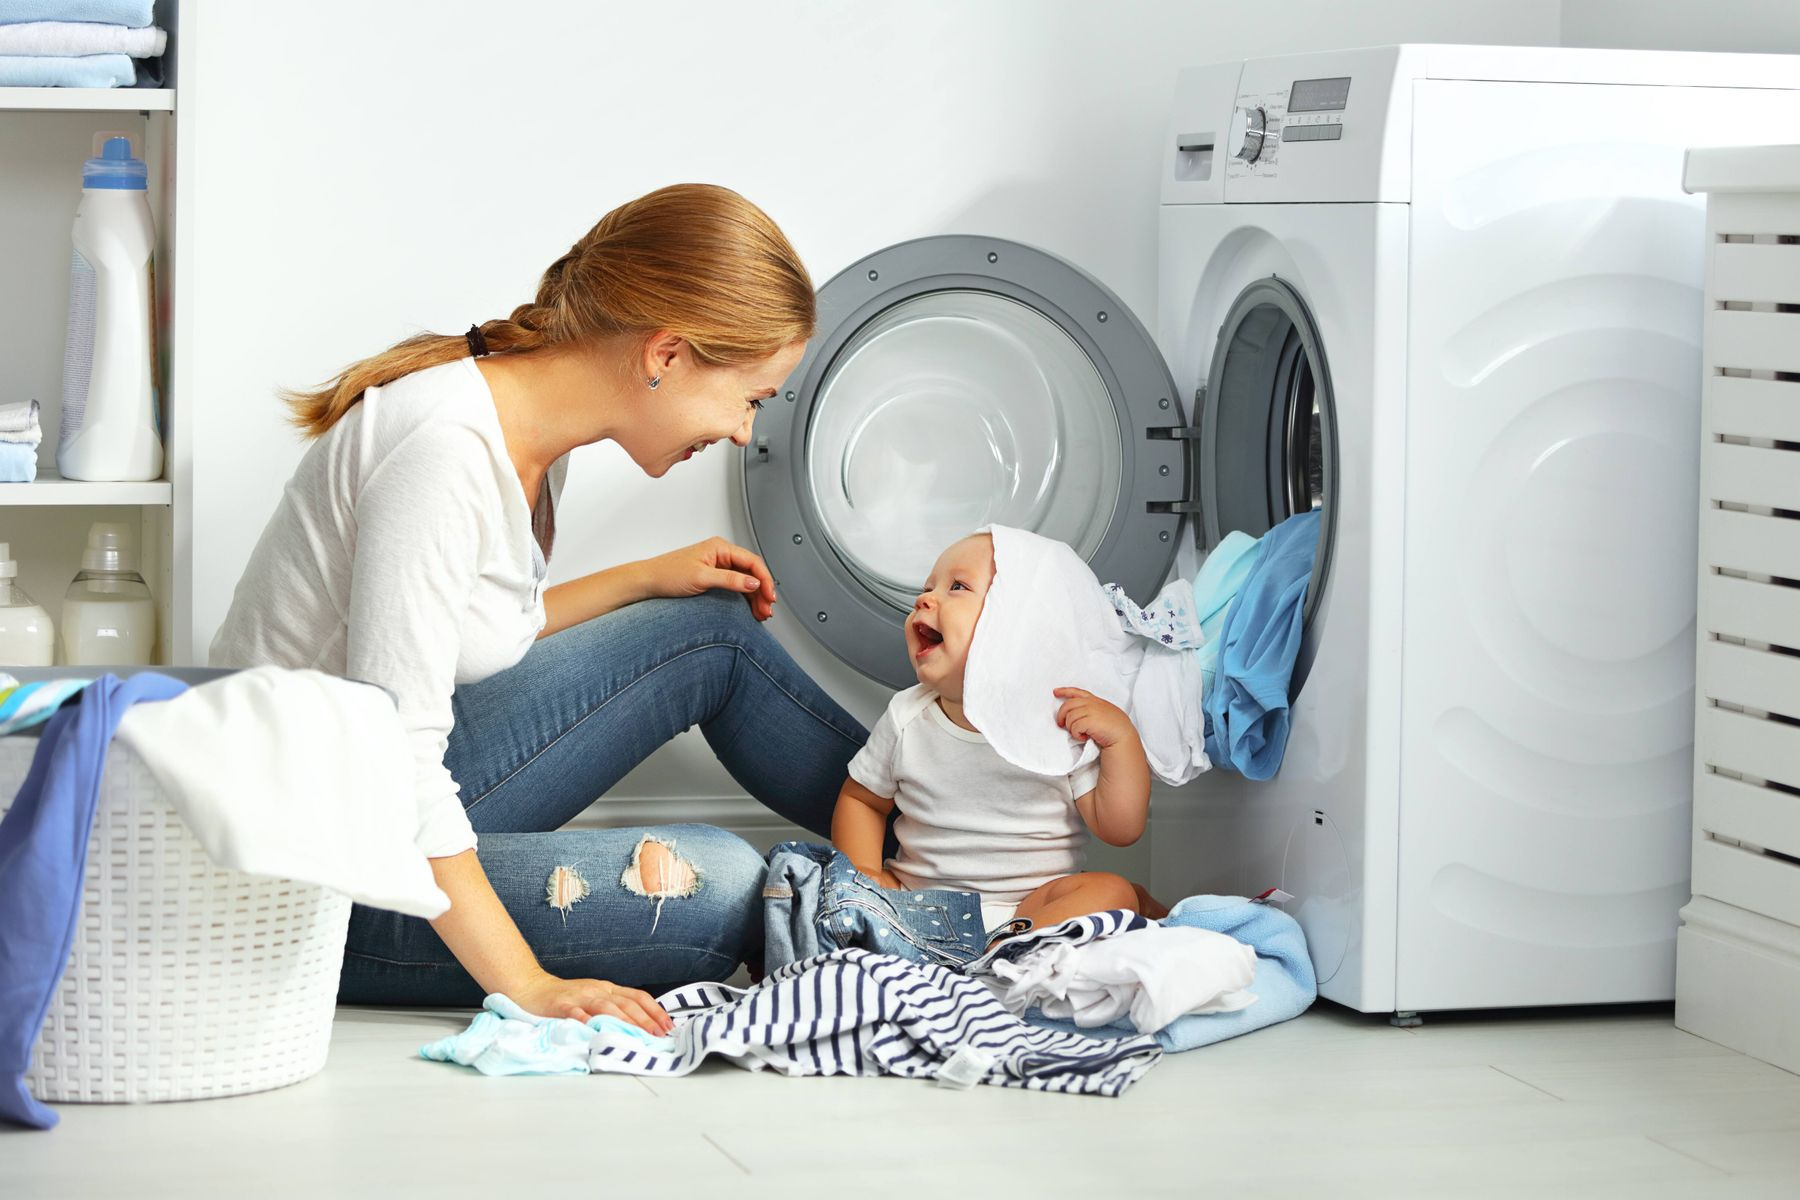 Giặt quần áo sơ sinh bằng máy giặt cần lưu ý gì?